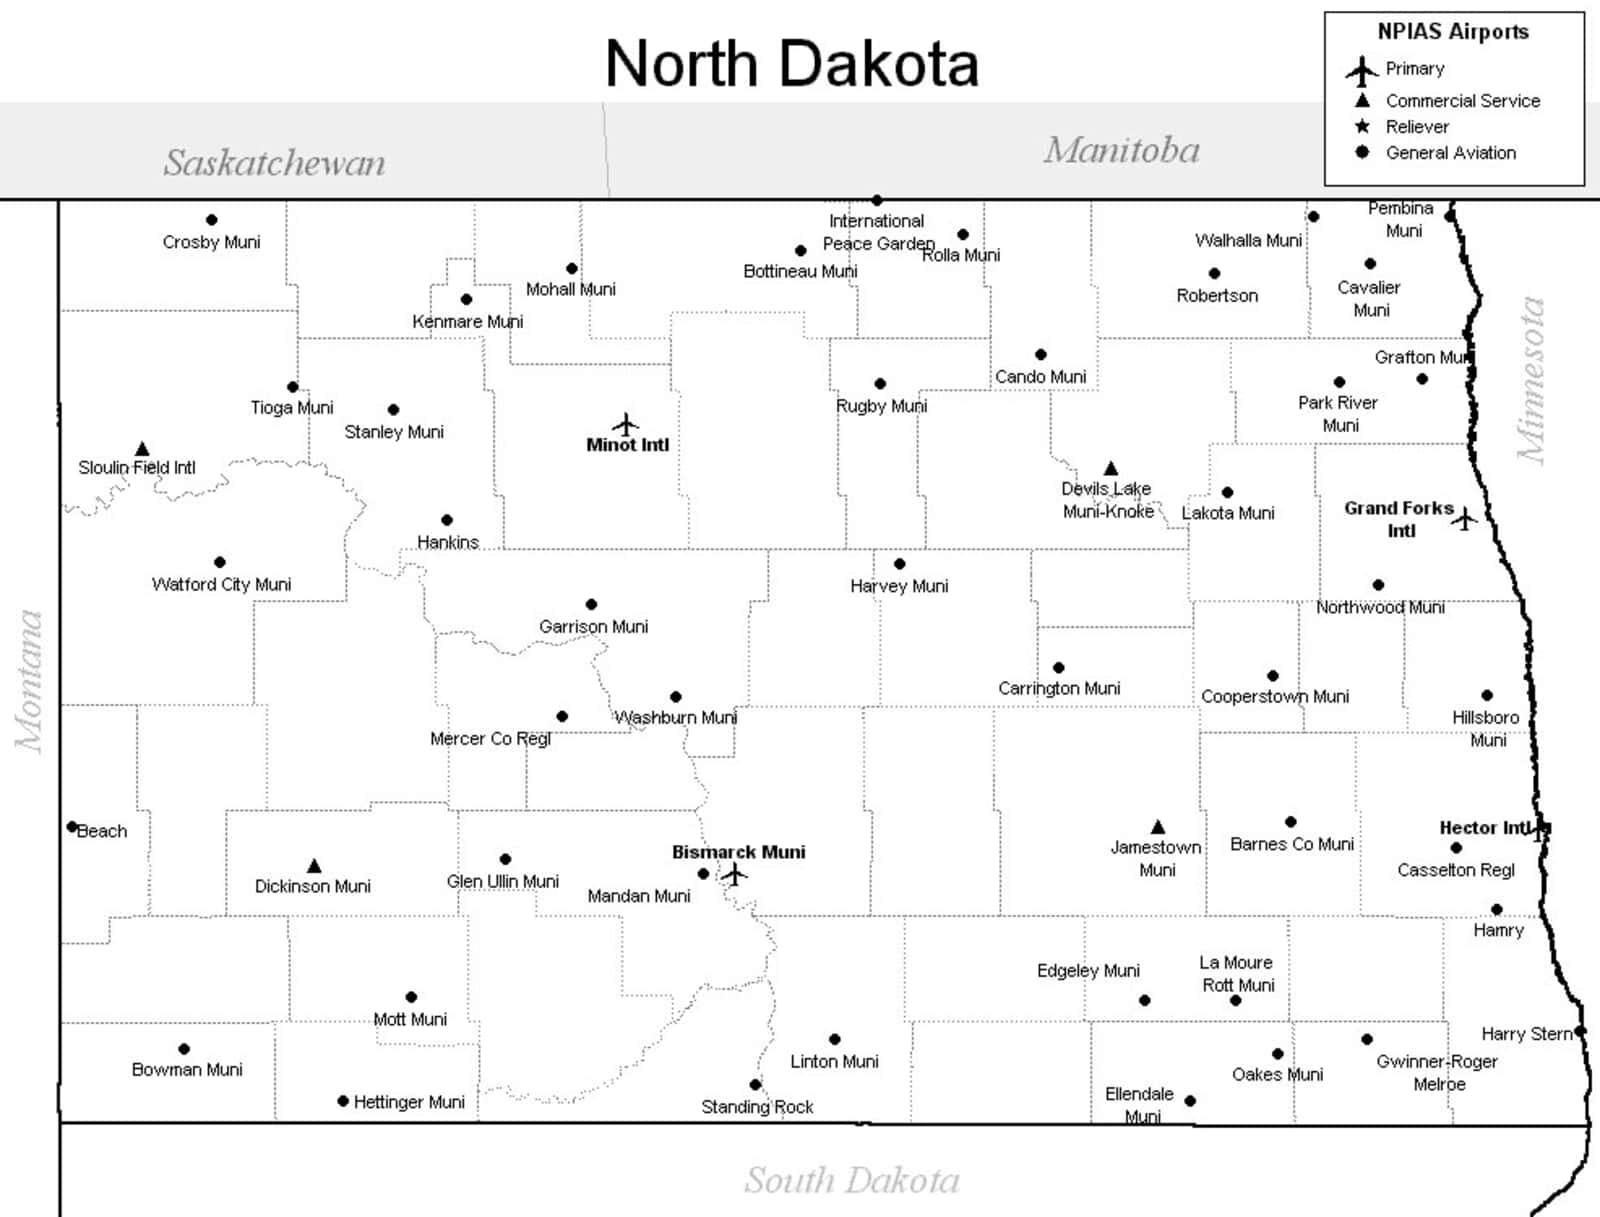 North Dakota Airport Map - North Dakota Airports